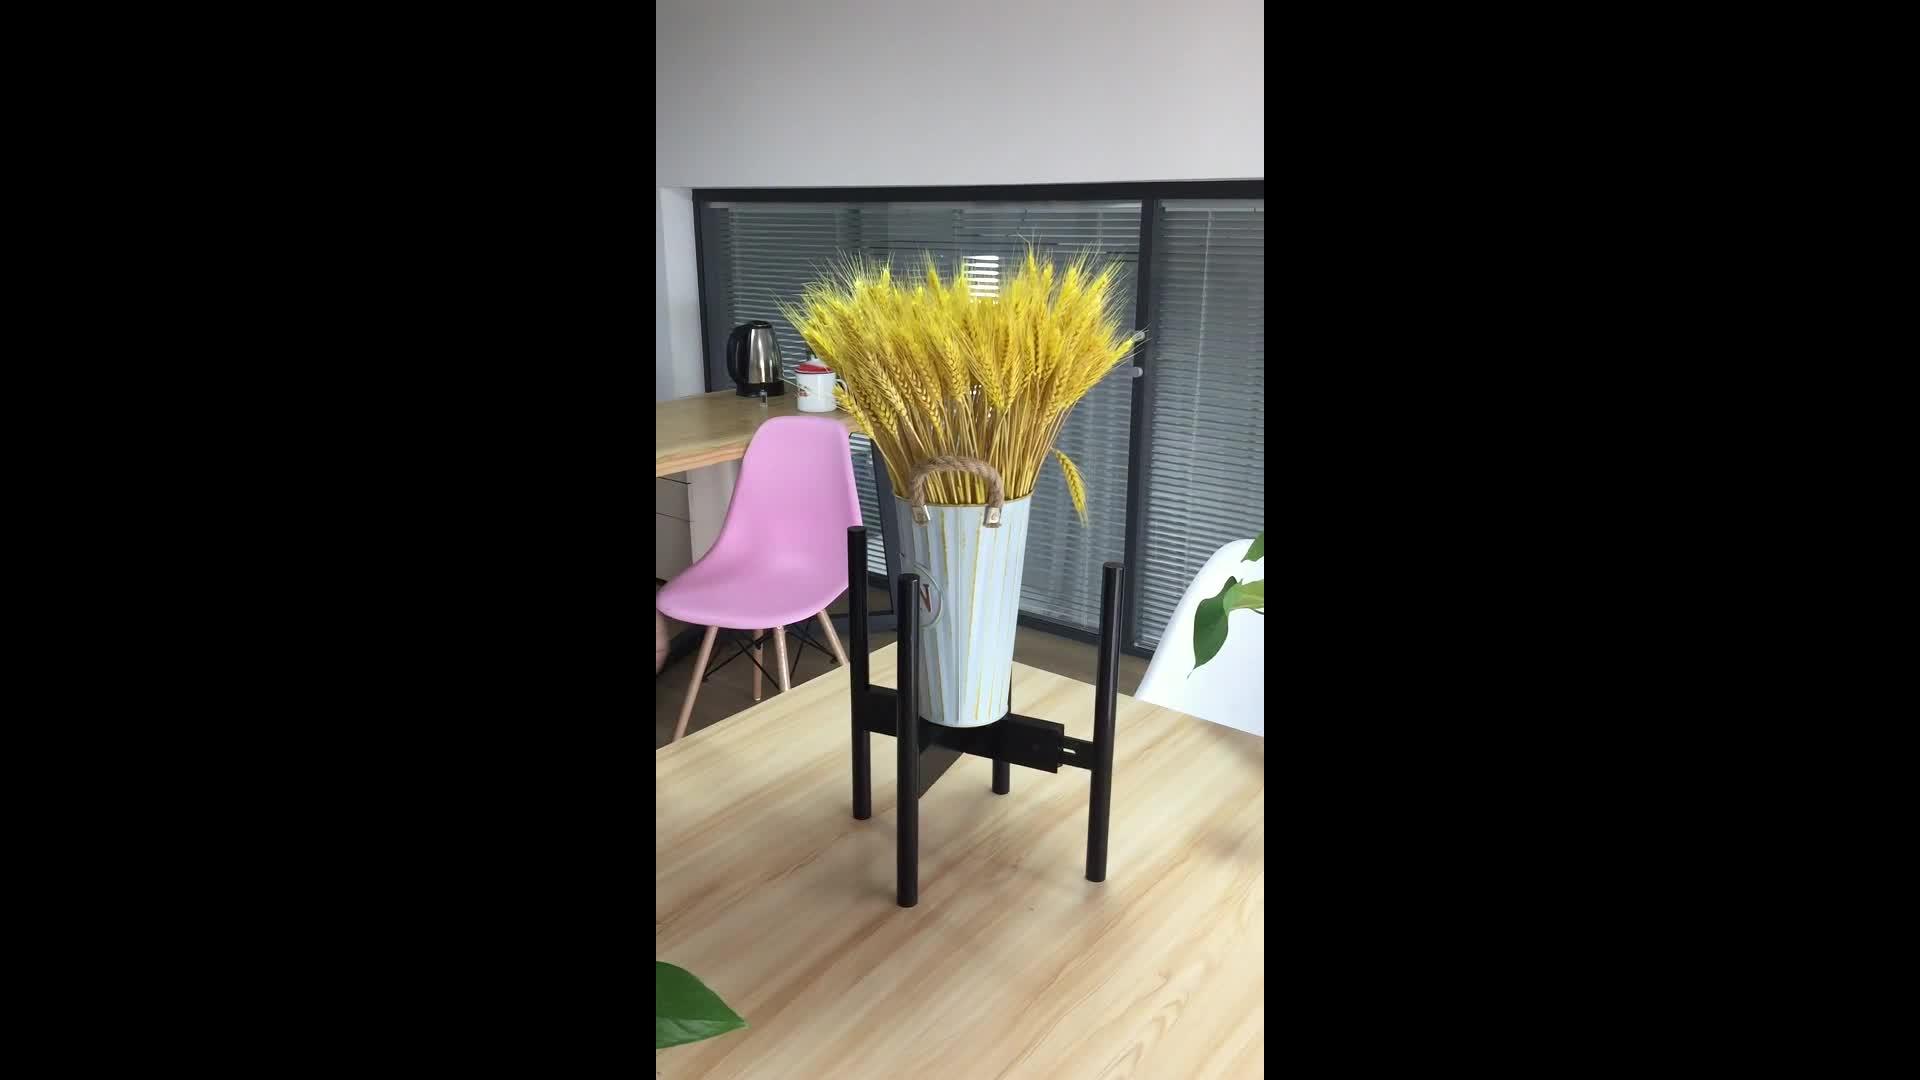 블랙 실내 야외 대나무 나무 식물 꽃 냄비 랙 스탠드